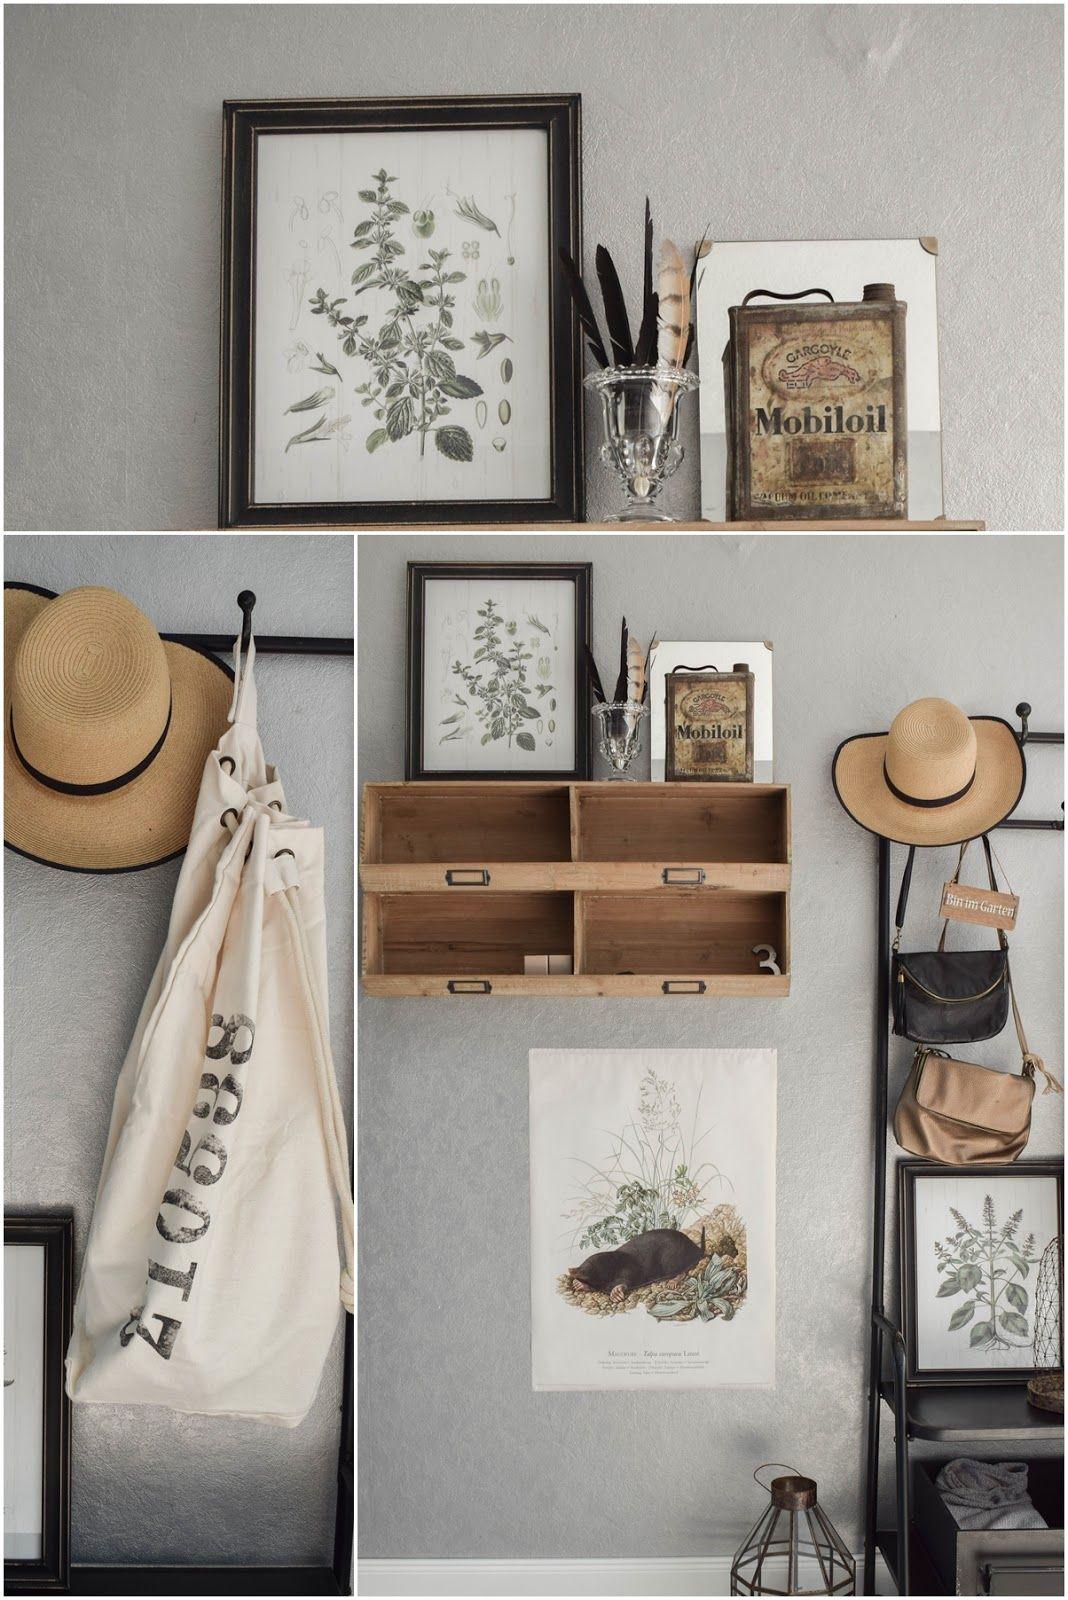 Außergewöhnlich Einrichtung Flur Sammlung Von Garderobe Diele Eingangsbereich Deko Dekoidee Interior Ordnung